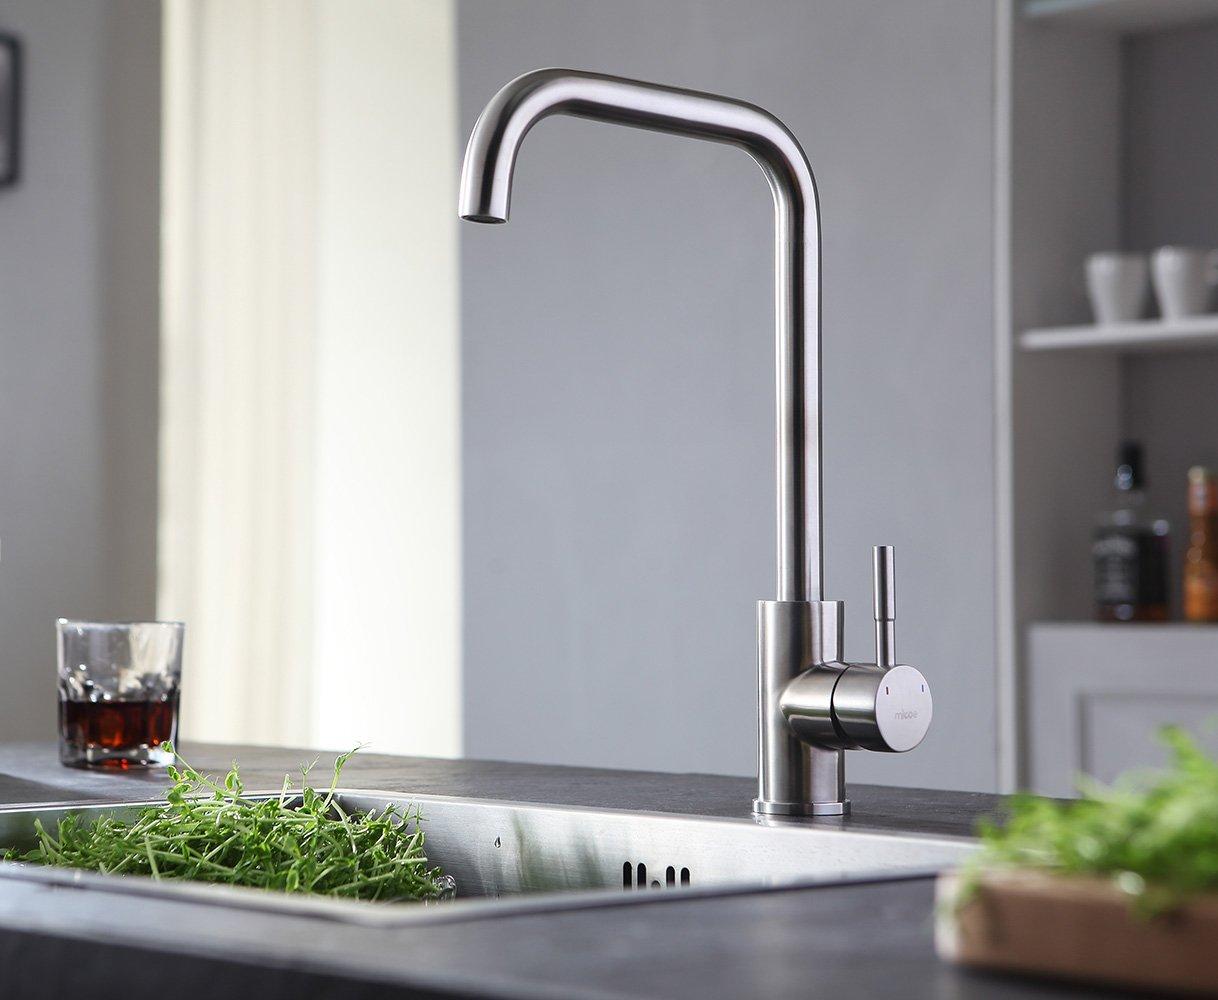 MICOE 360° Schwenkbar Küchenarmatur Edelstahl Matt Küche Wasserhahn ...